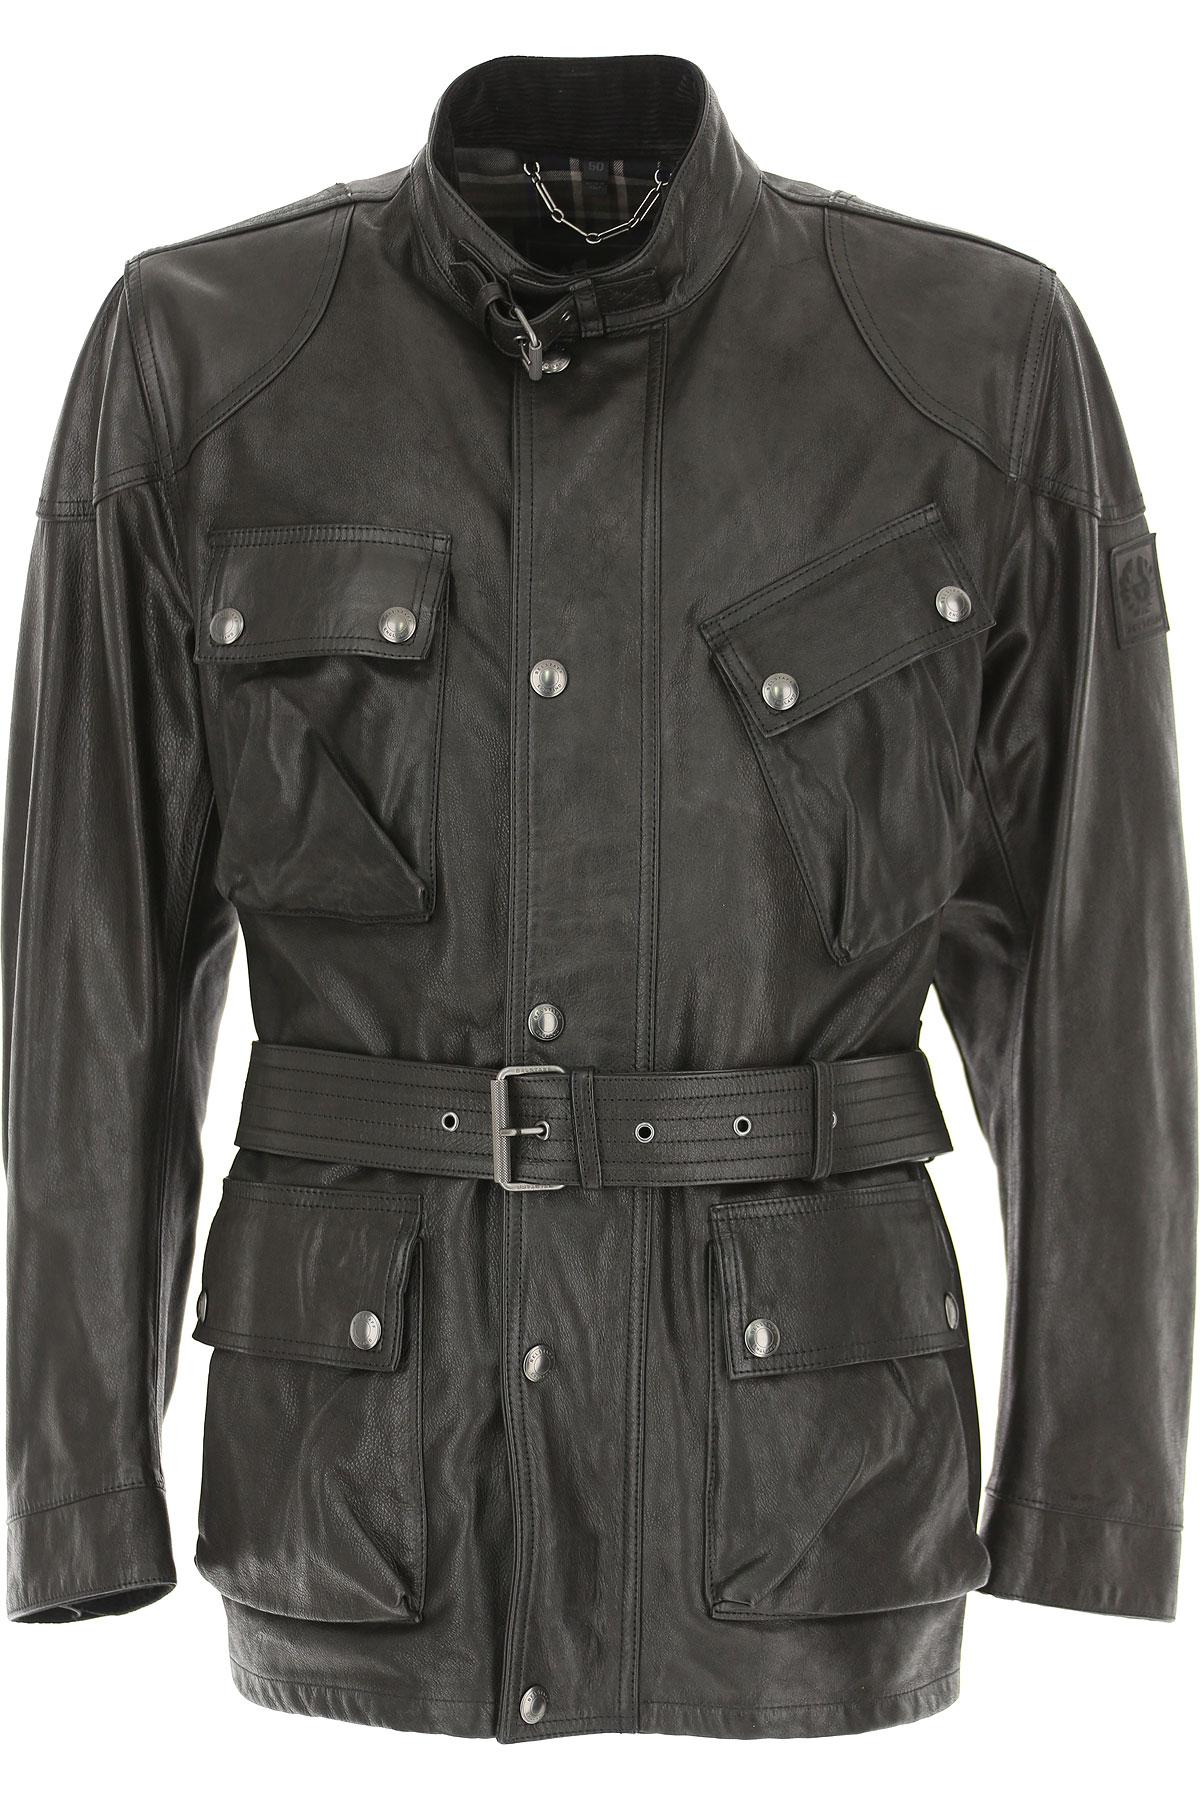 Image of Belstaff Leather Jacket for Men, Black, Leather, 2017, L XL